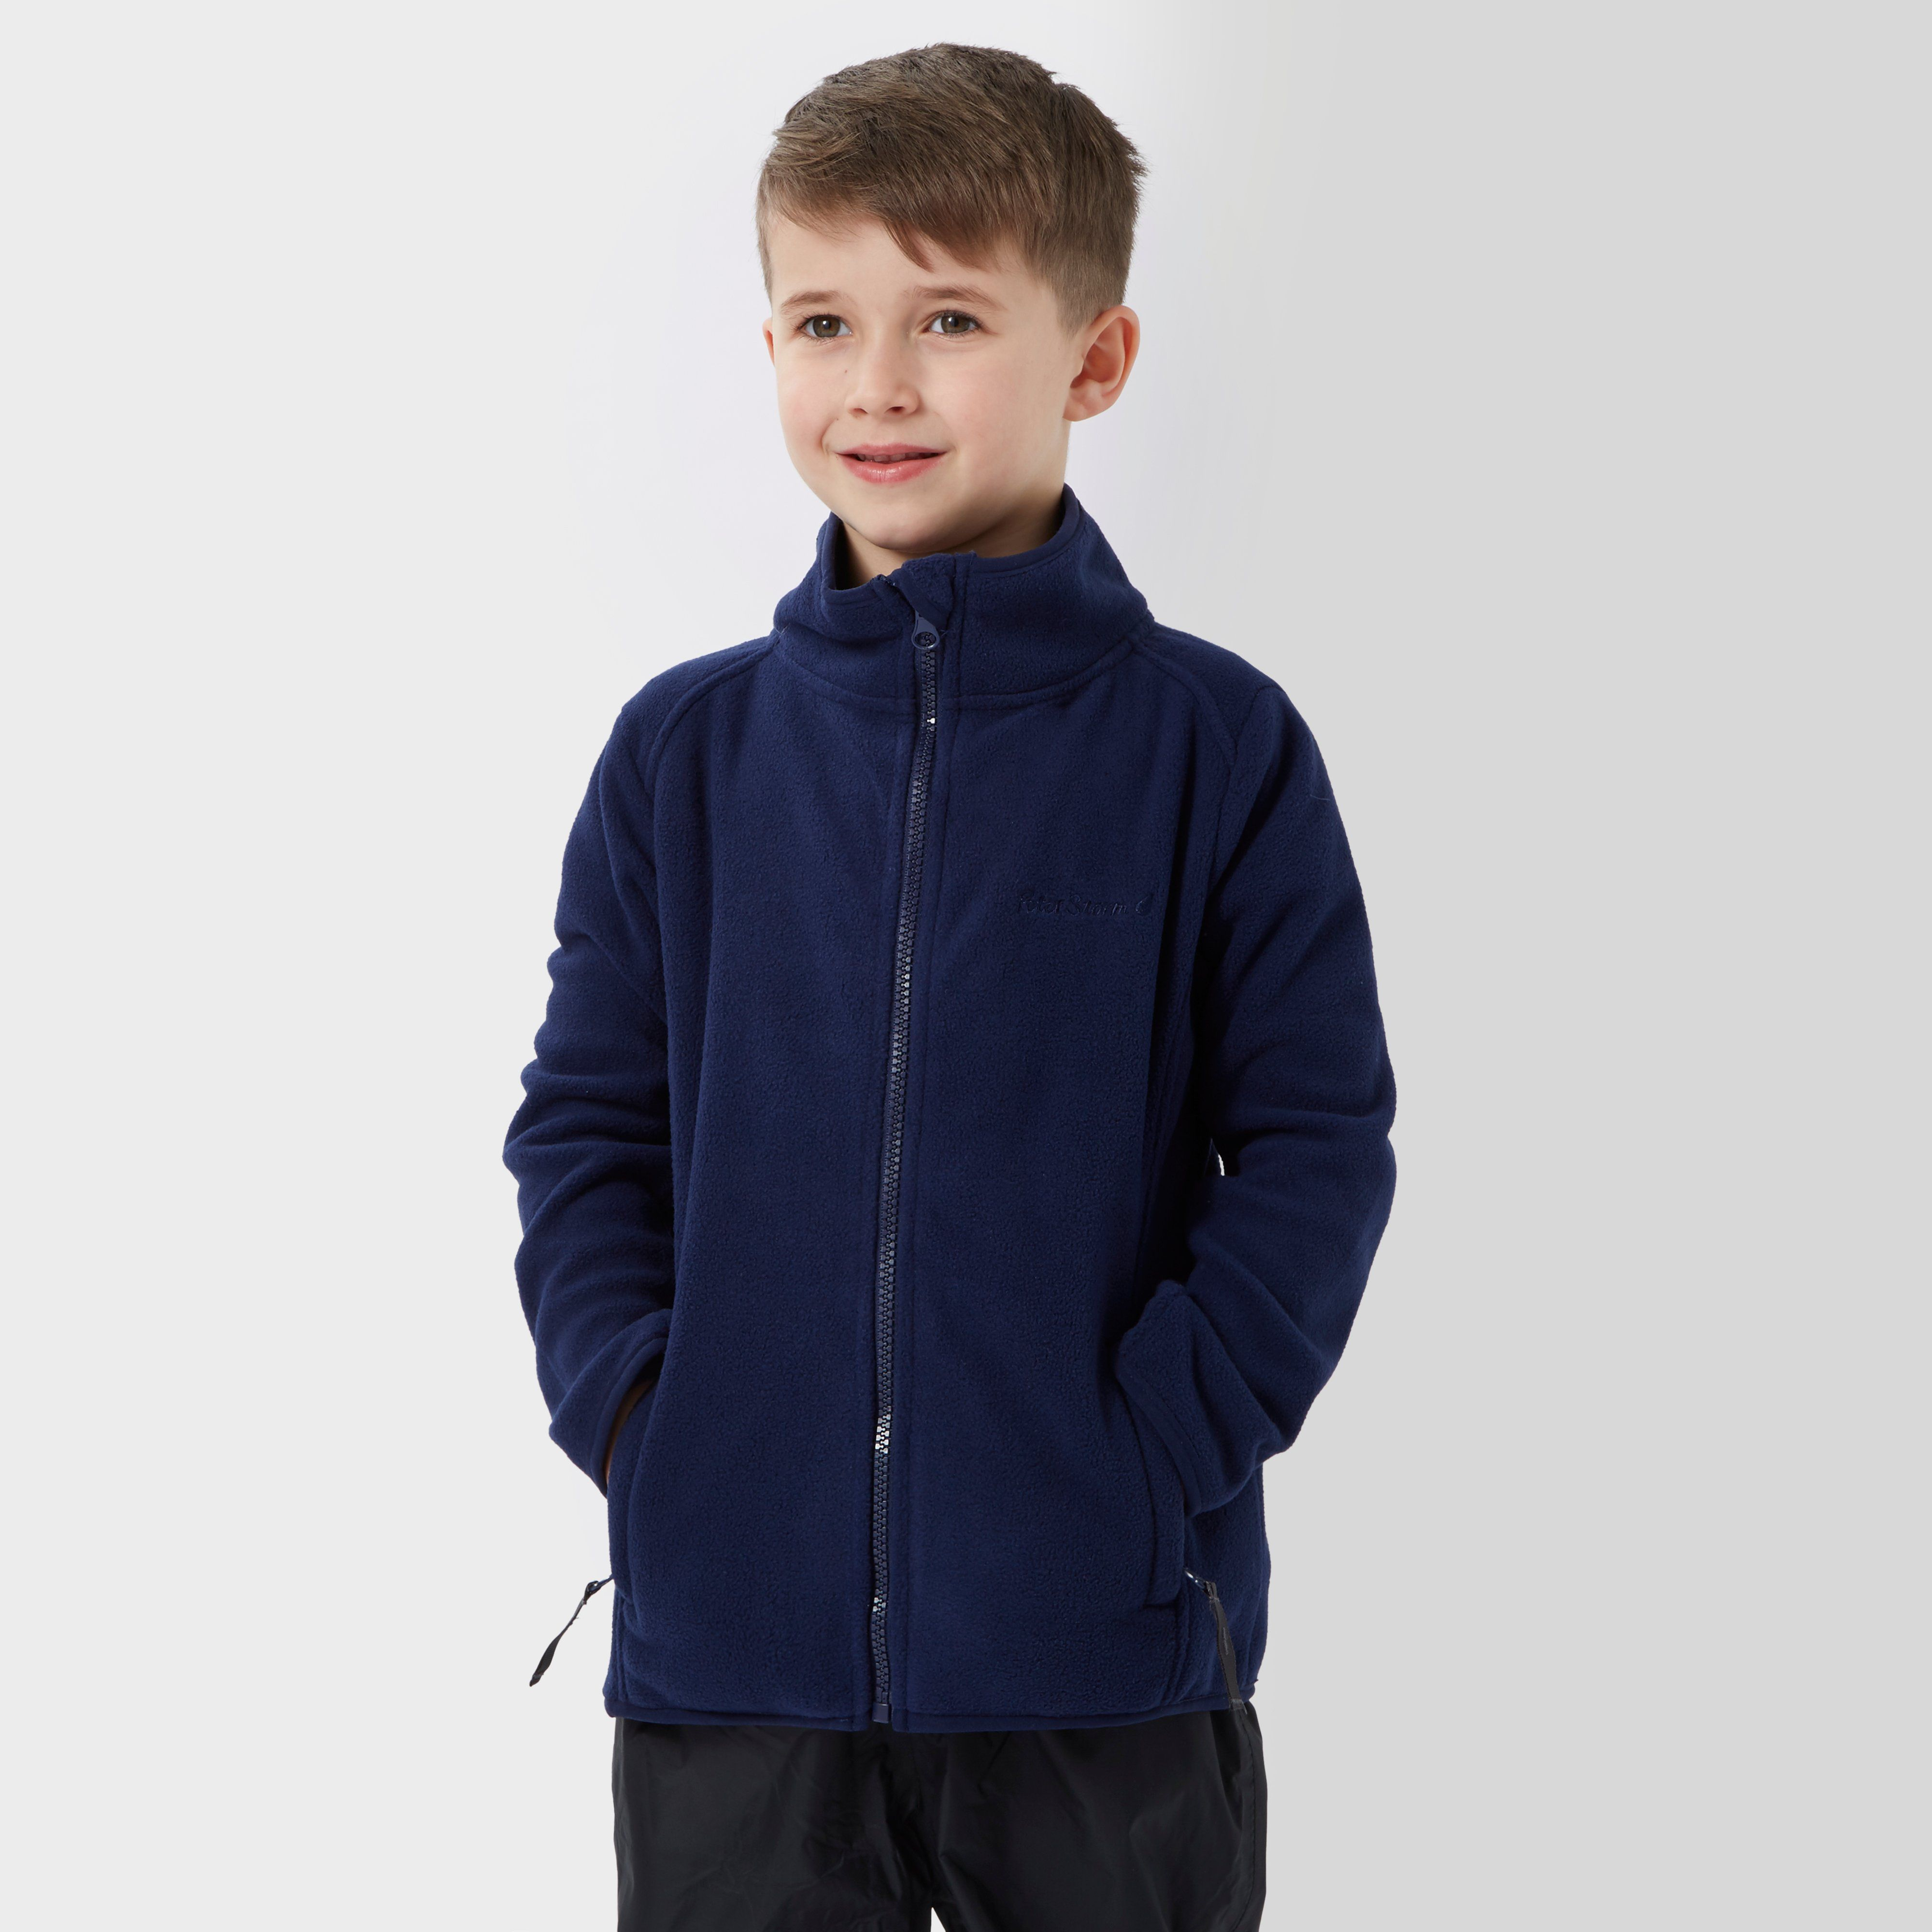 PETER STORM Kids' Unisex Stormy Full Zip Fleece